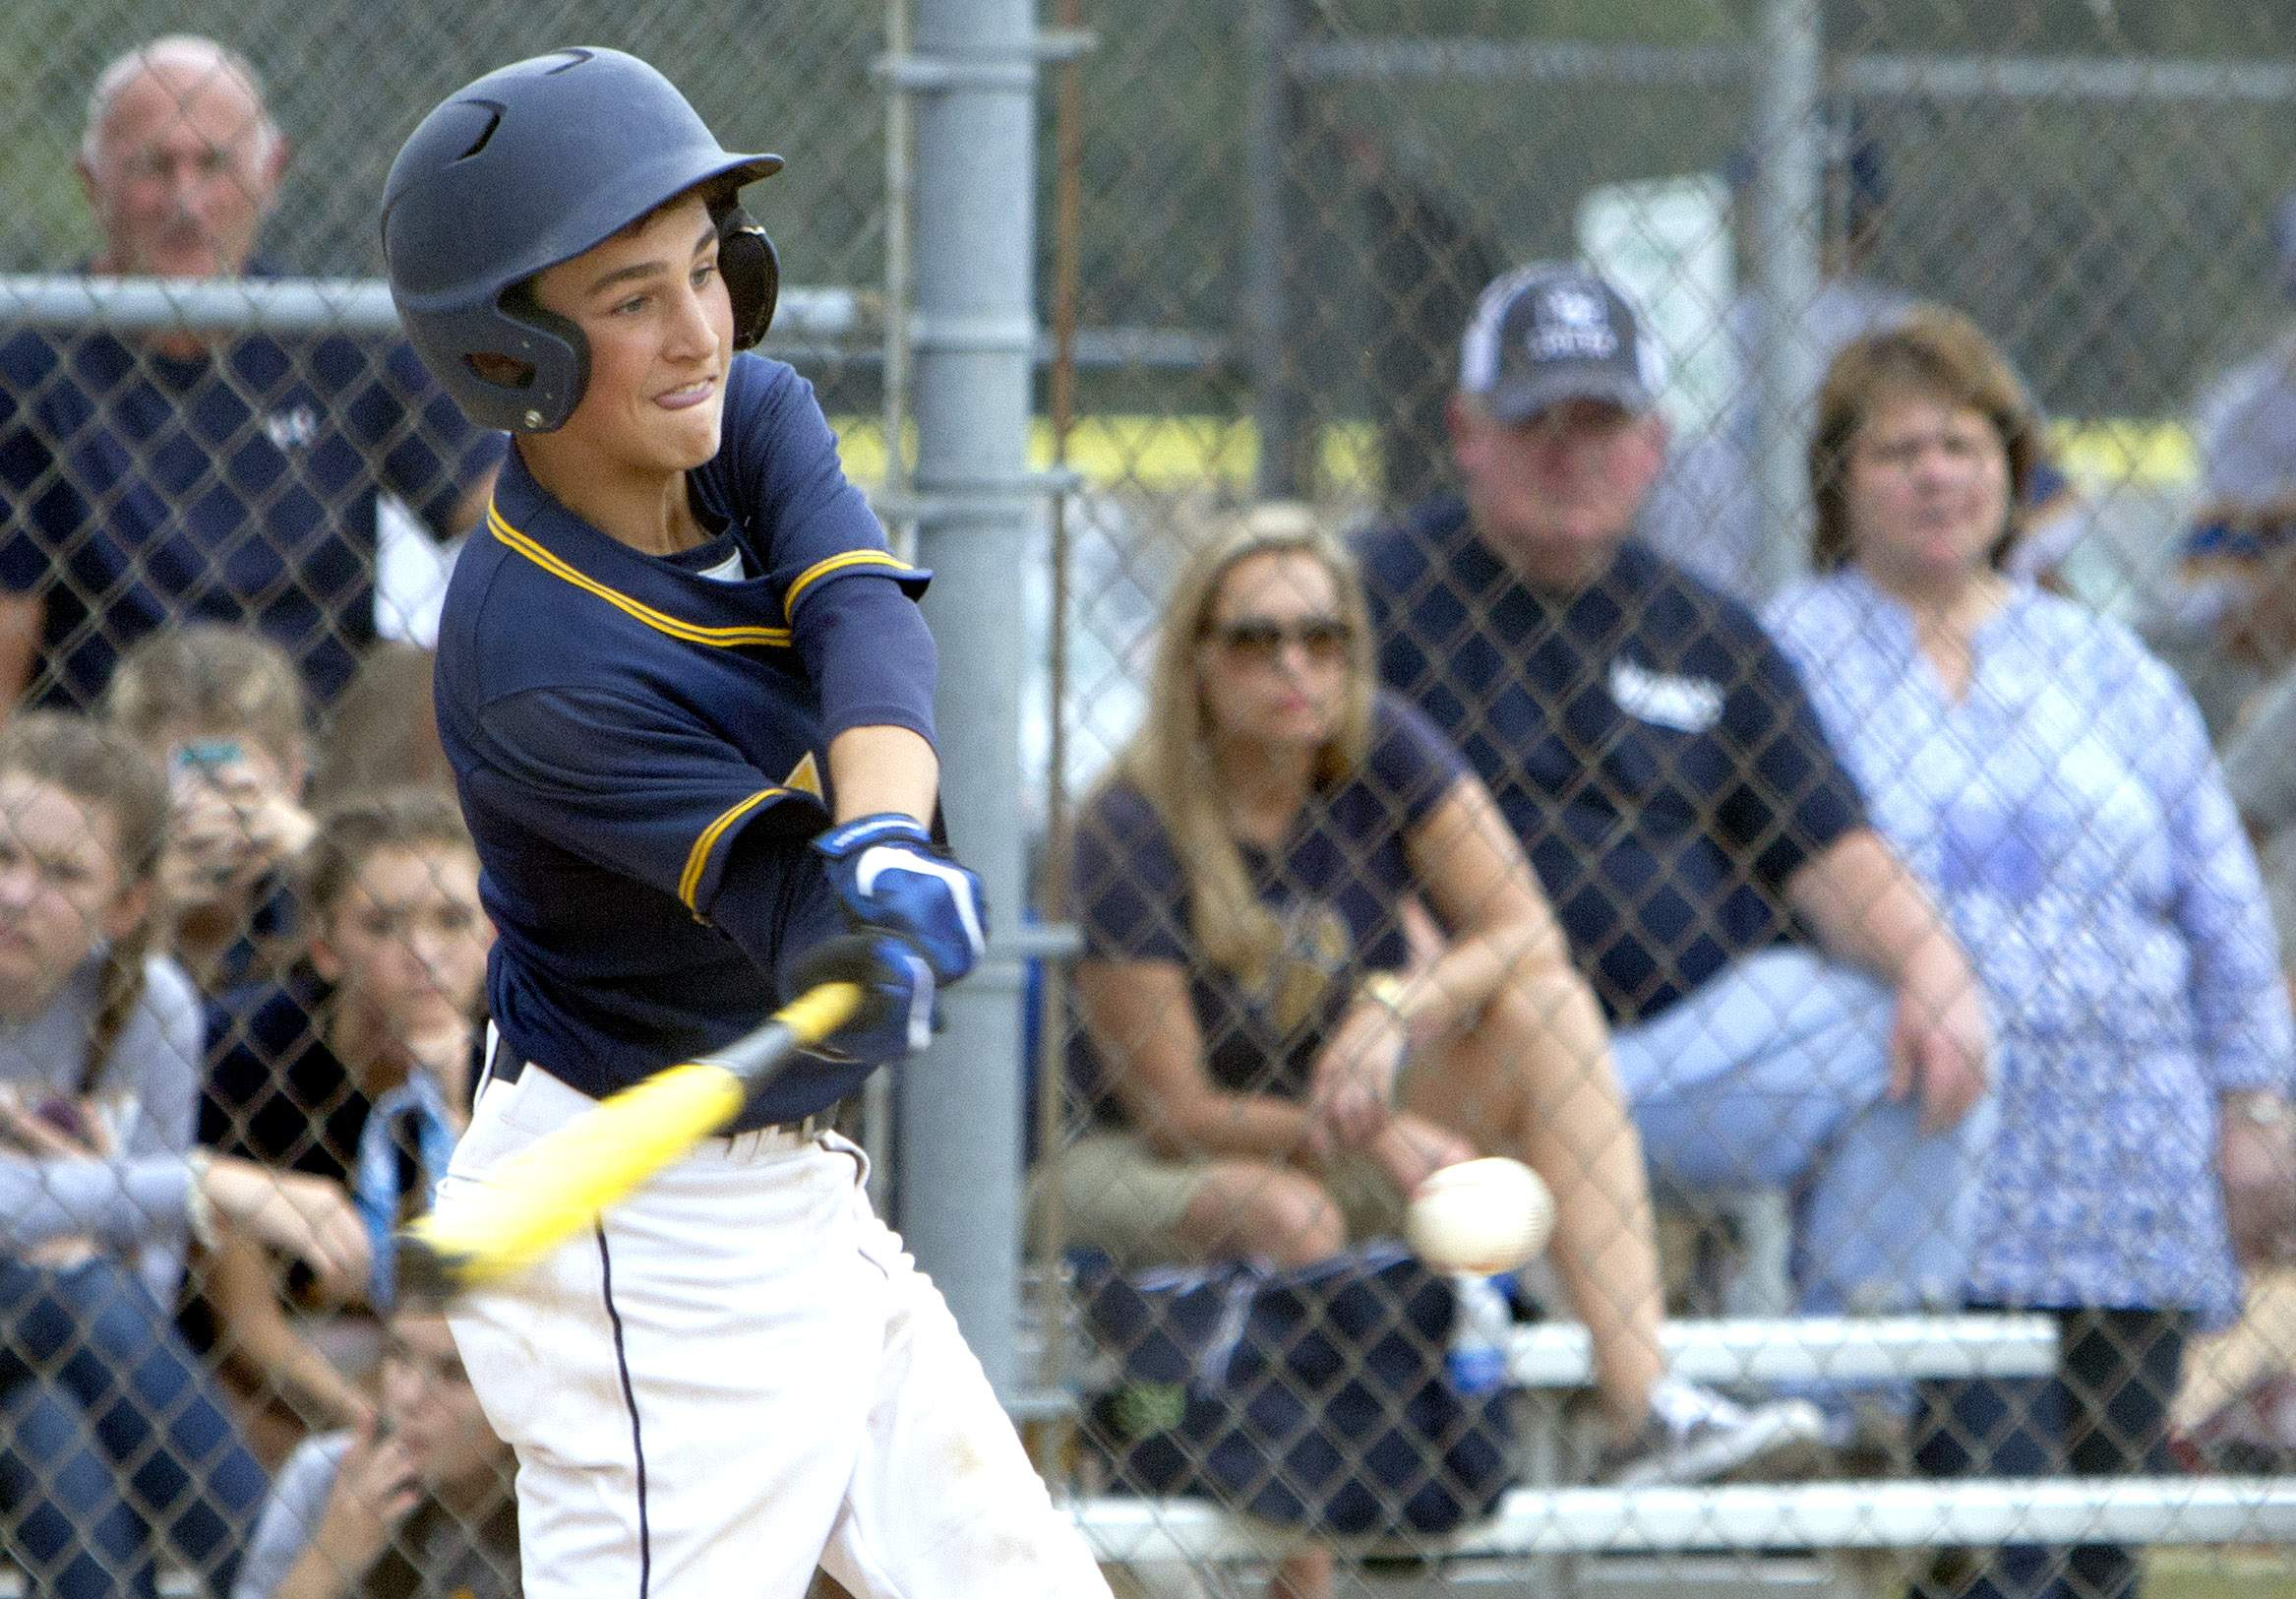 Mason Gooch swings at a pitch.